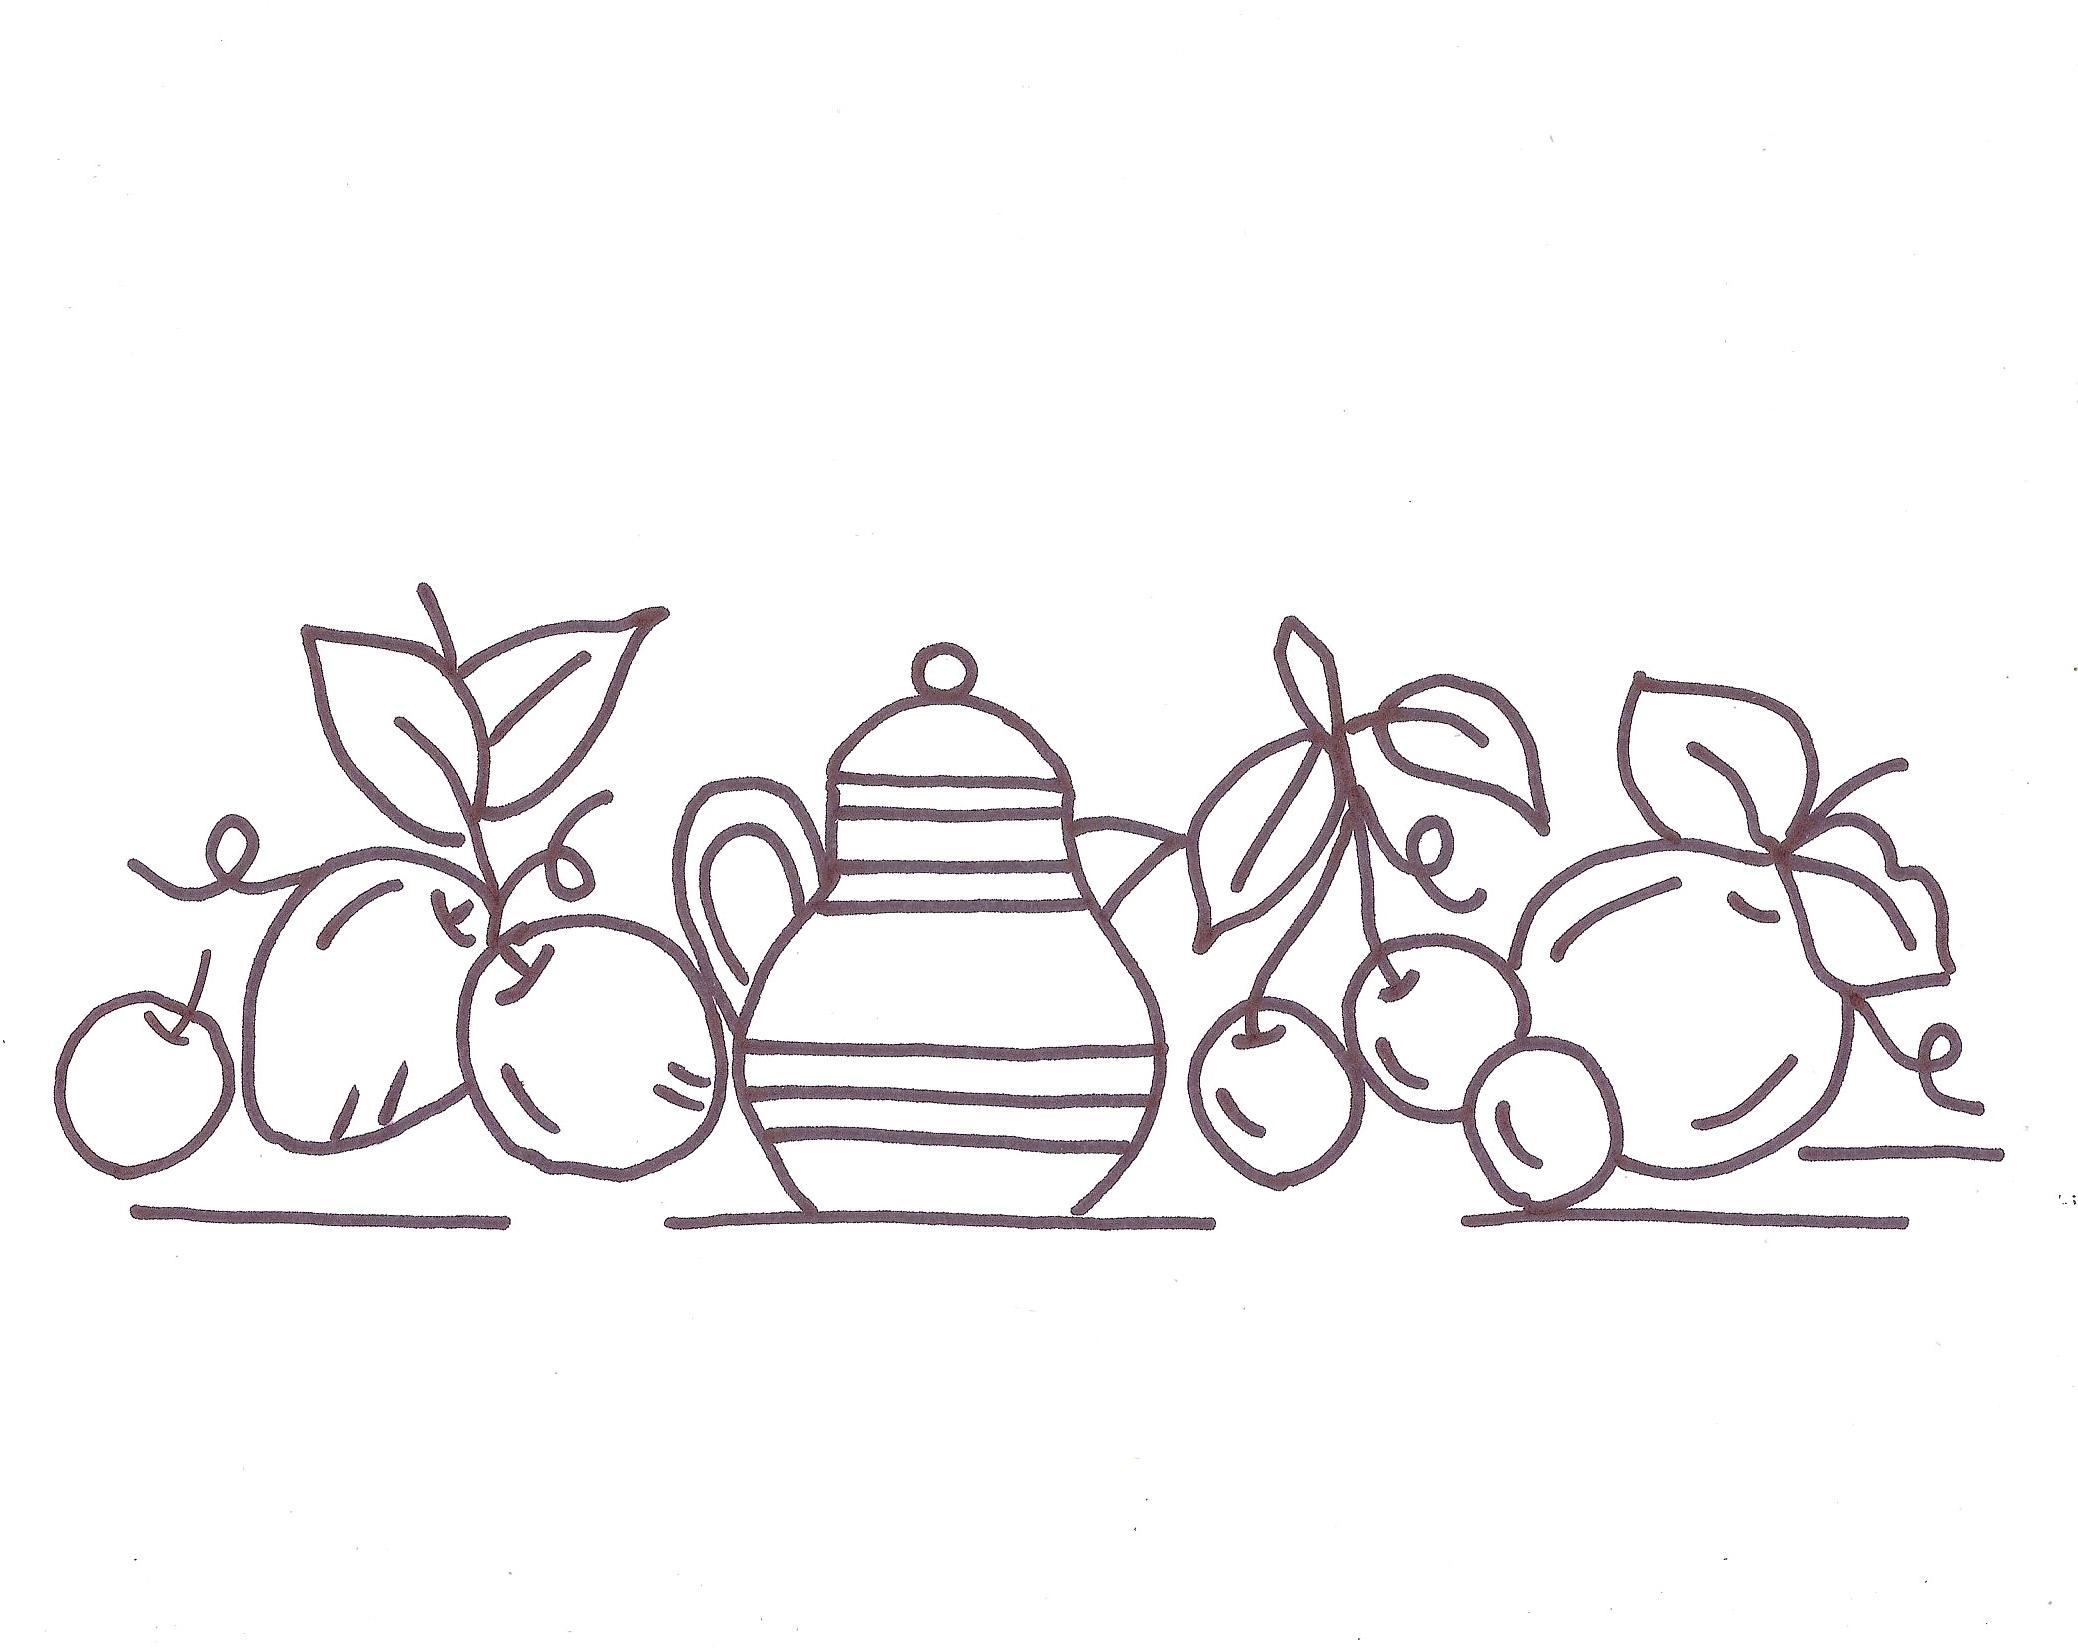 Conosciuto Come Ricamare Strofinacci per la Cucina – Arte Del Ricamo NO36